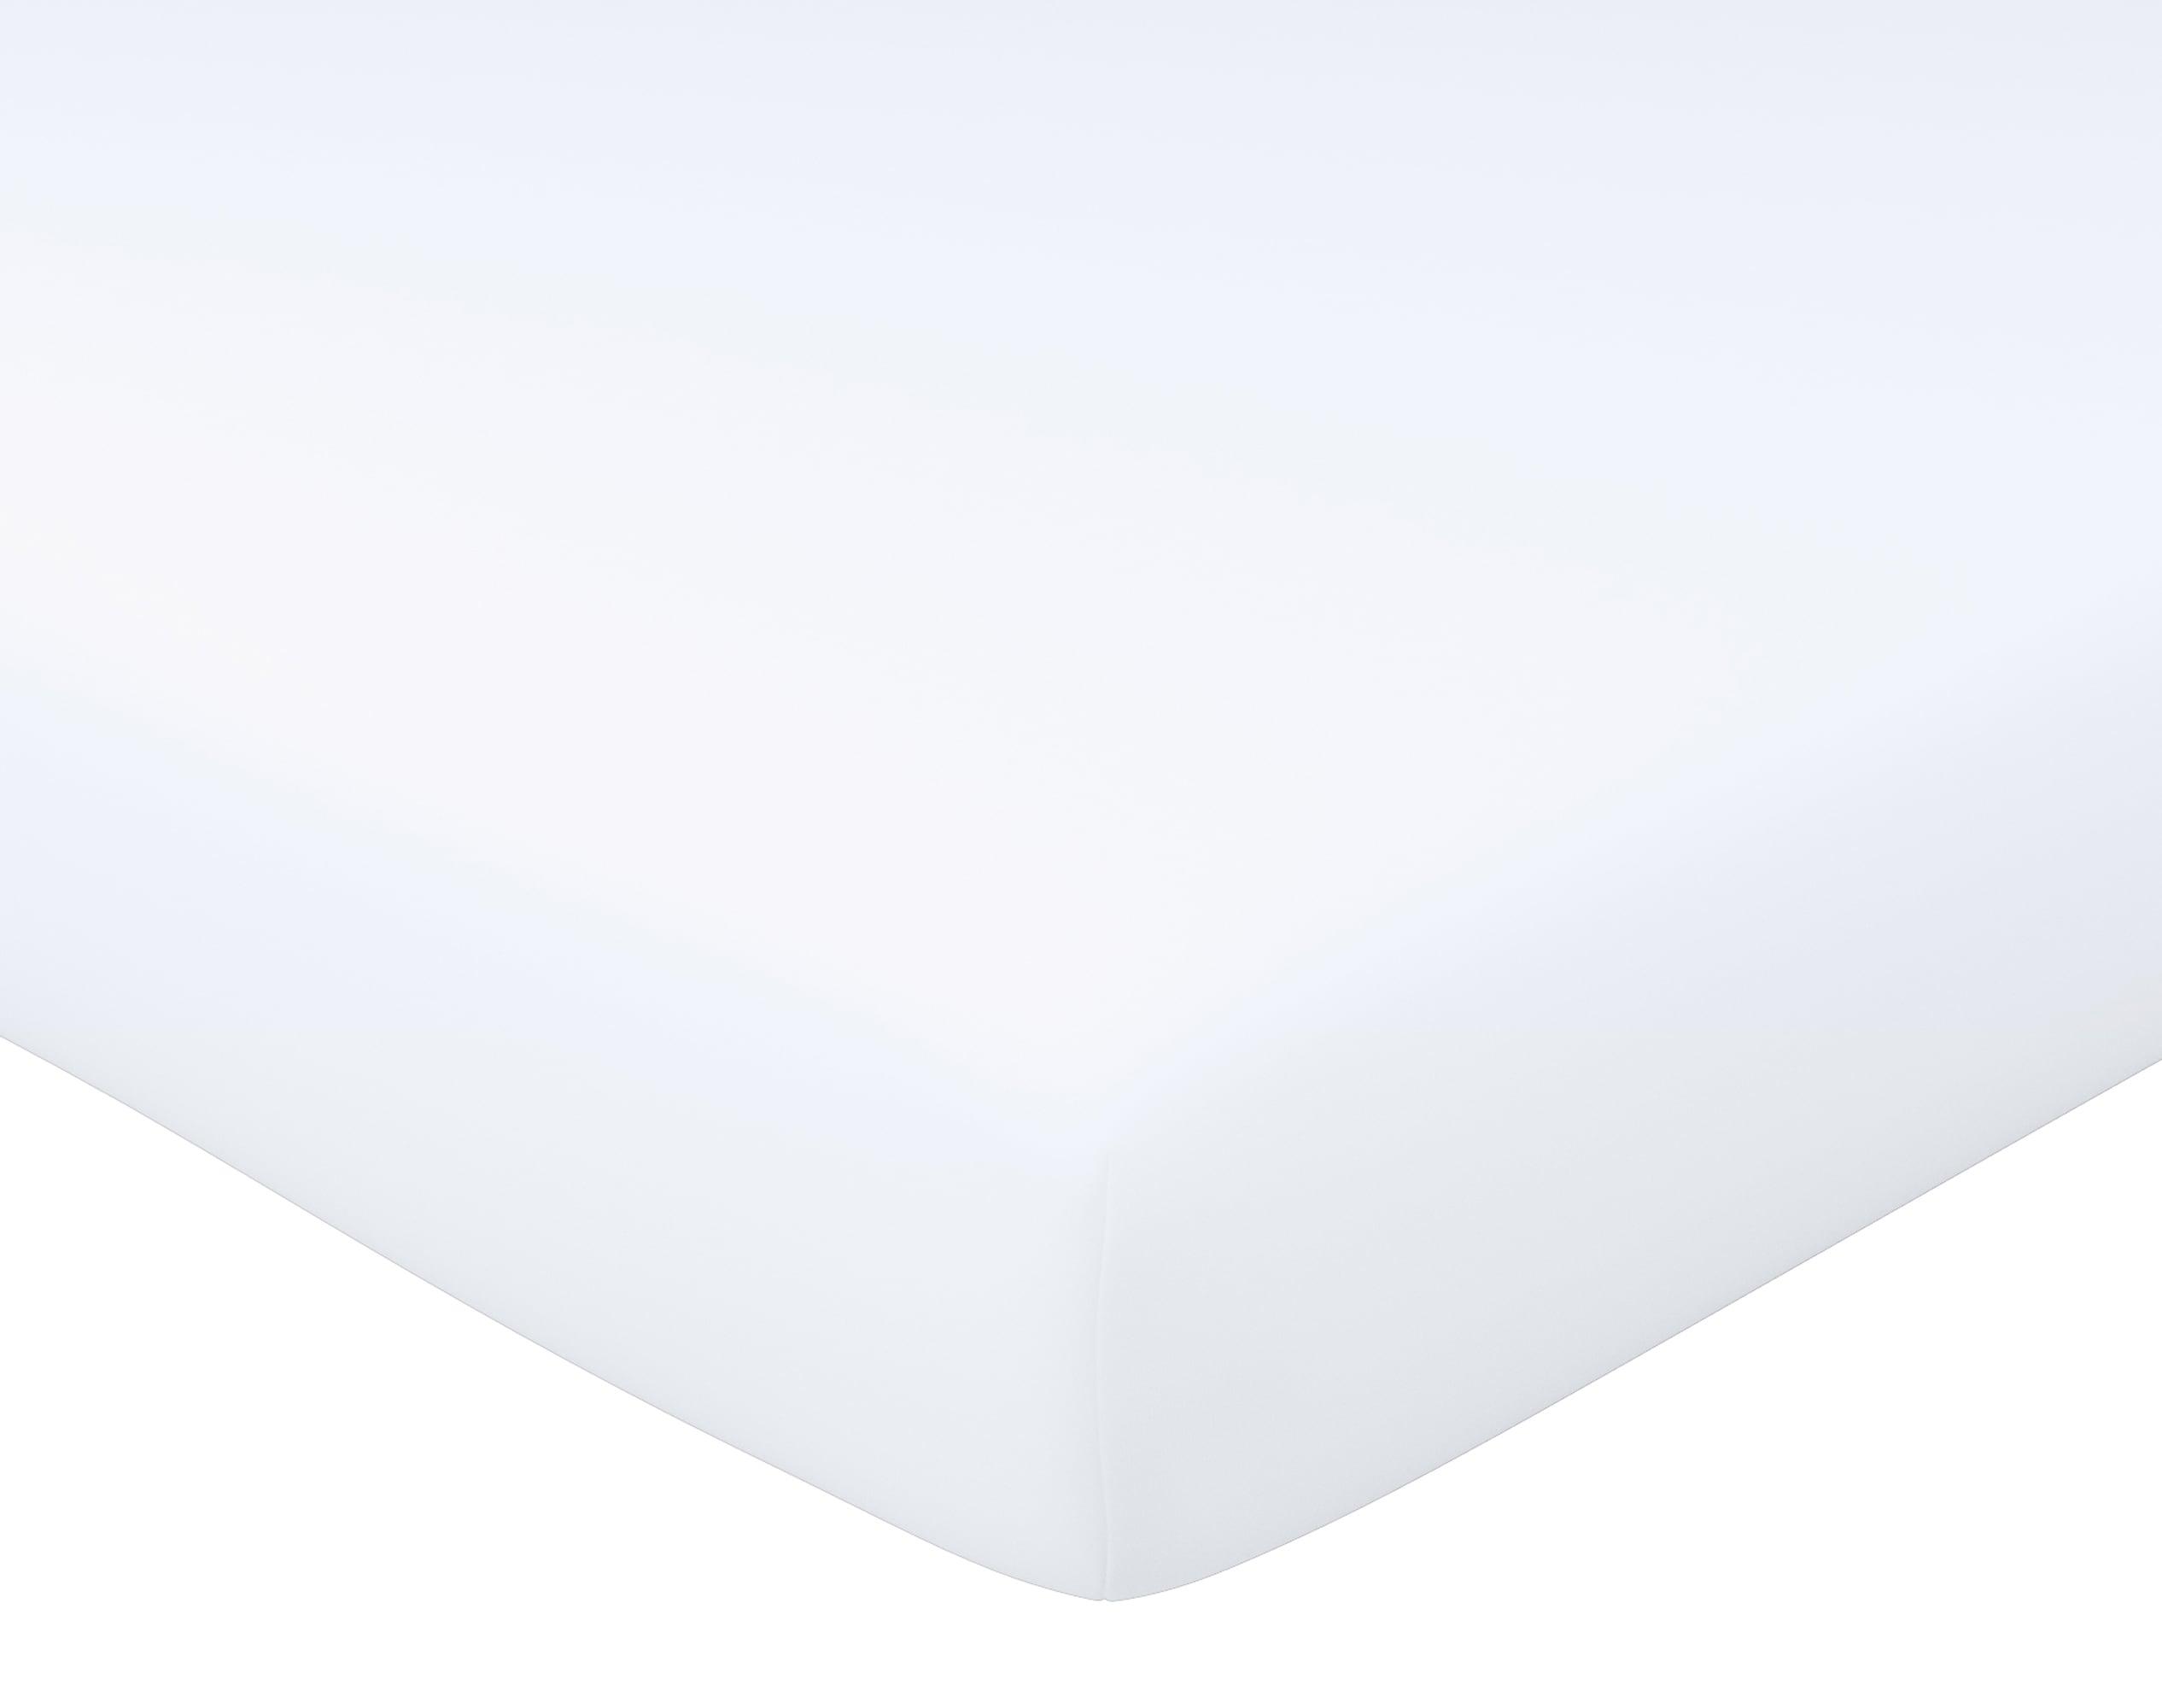 Drap-housse 180x200 en percale de coton  blanc